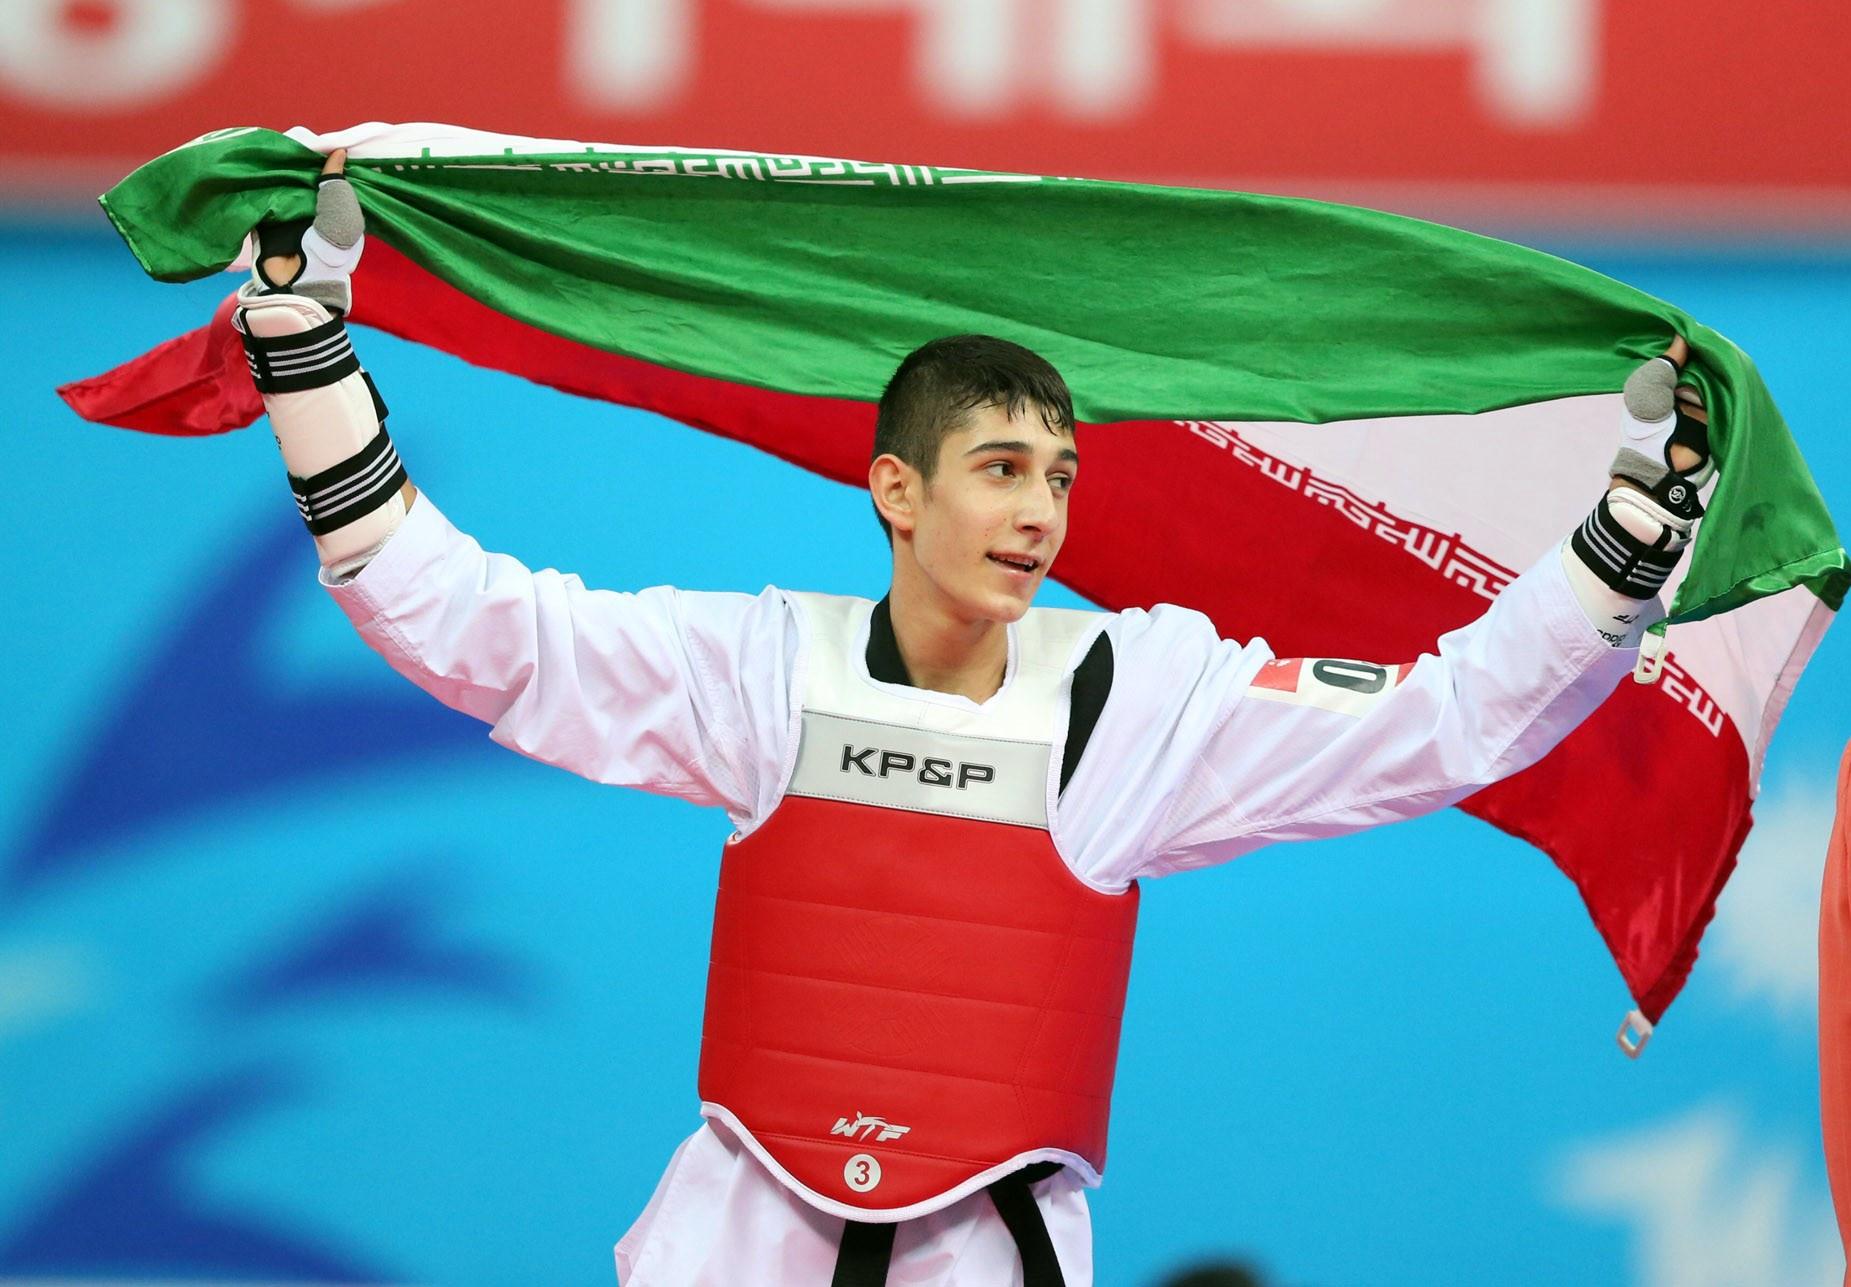 مدال نقره مسابقات گرندپری بر گردن فرزان عاشورزاده